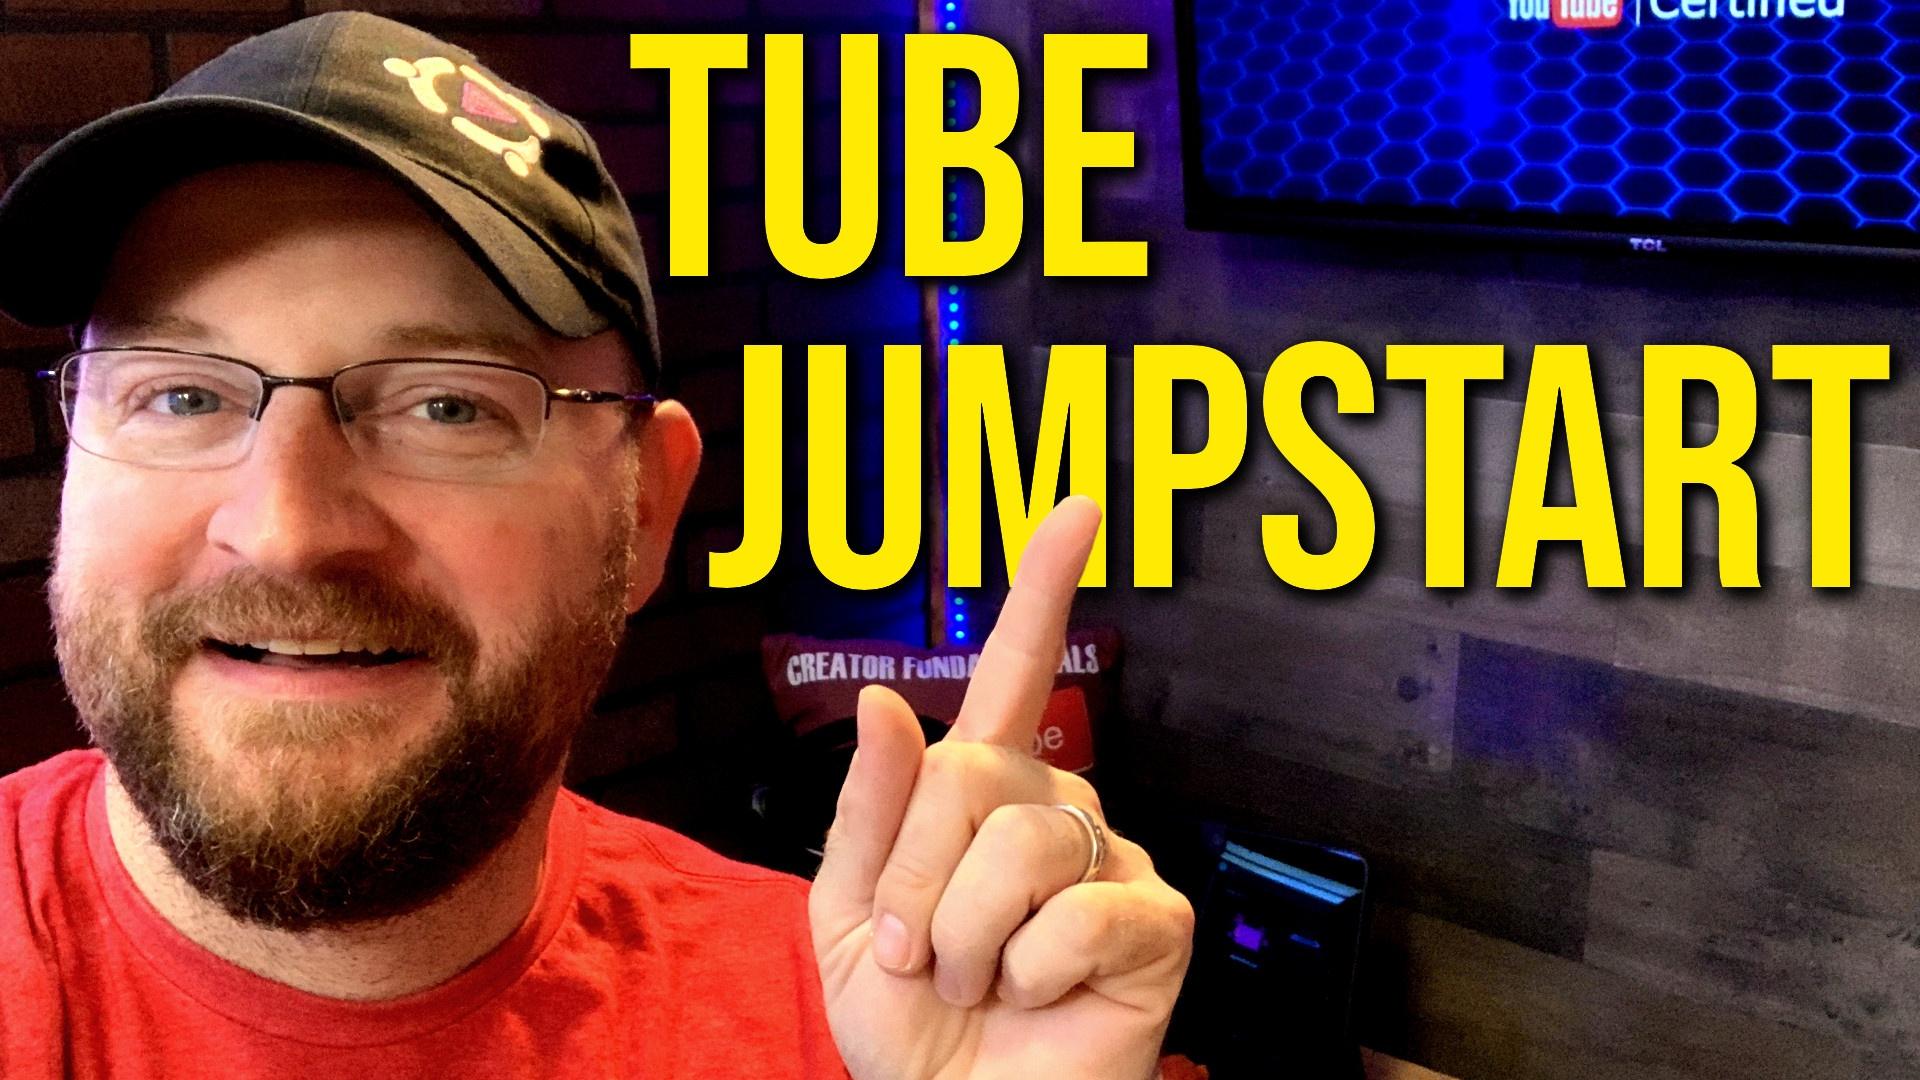 Tube JumpStart